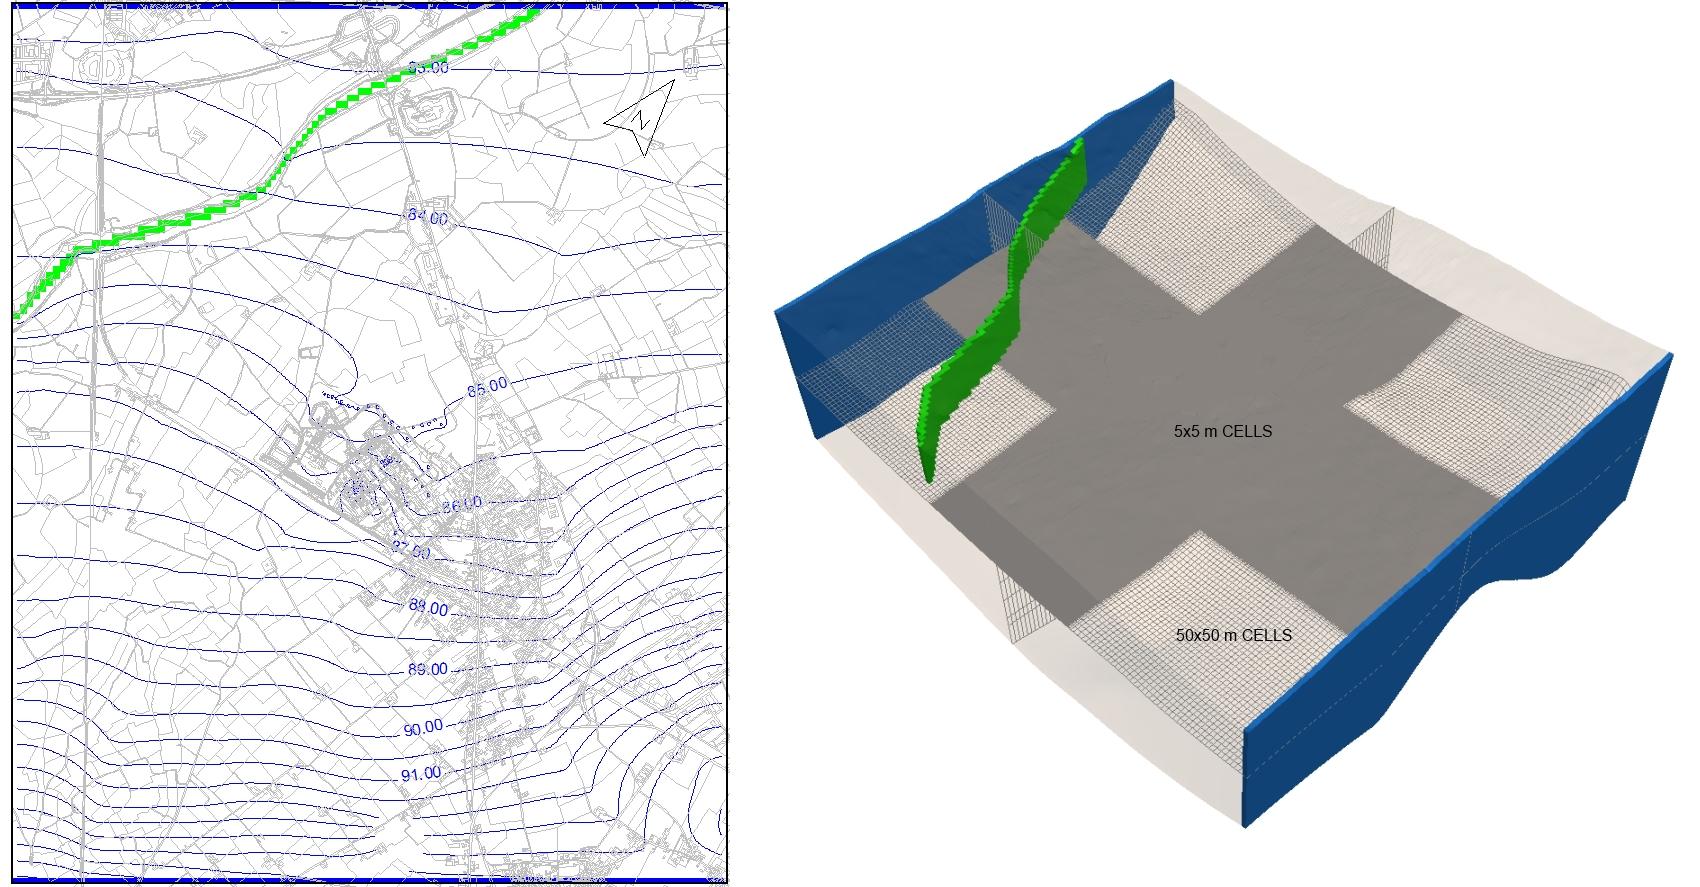 tethys - siti contaminati - Consulenza idrogeologica modellazione matematica acque sotterranee bonifica